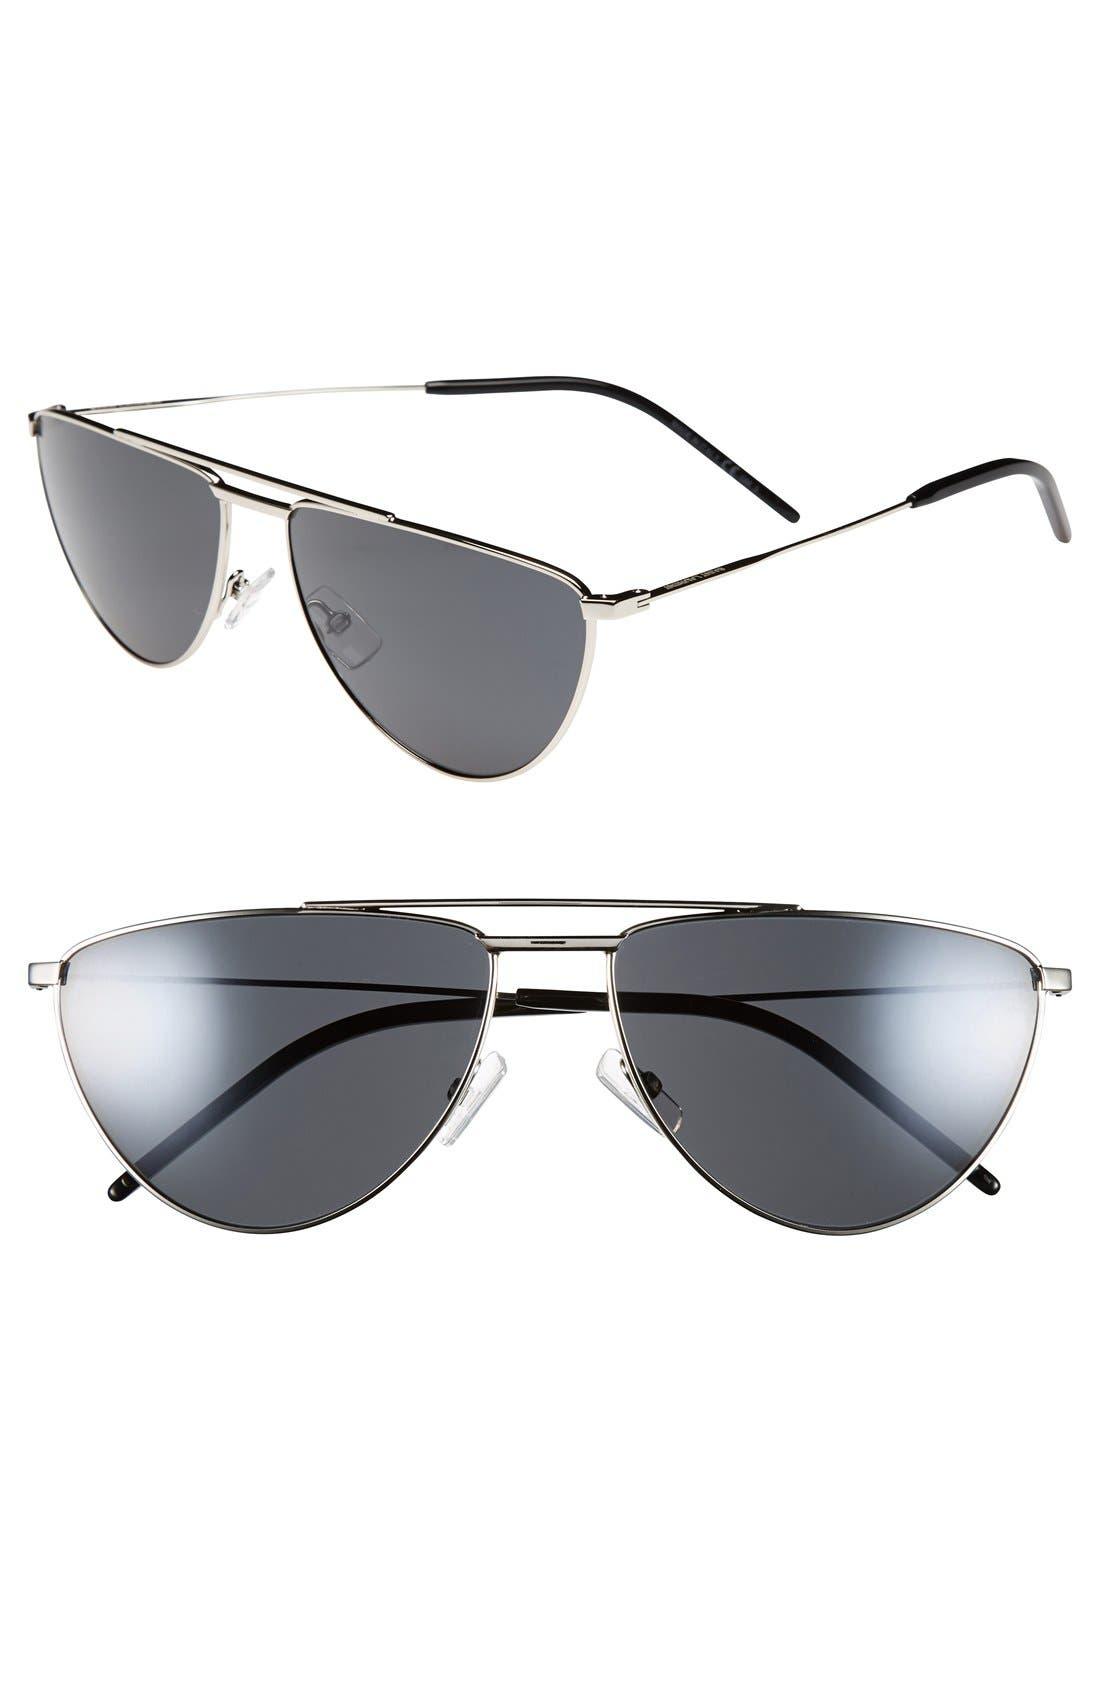 Main Image - Saint Laurent 59mm Retro Sunglasses